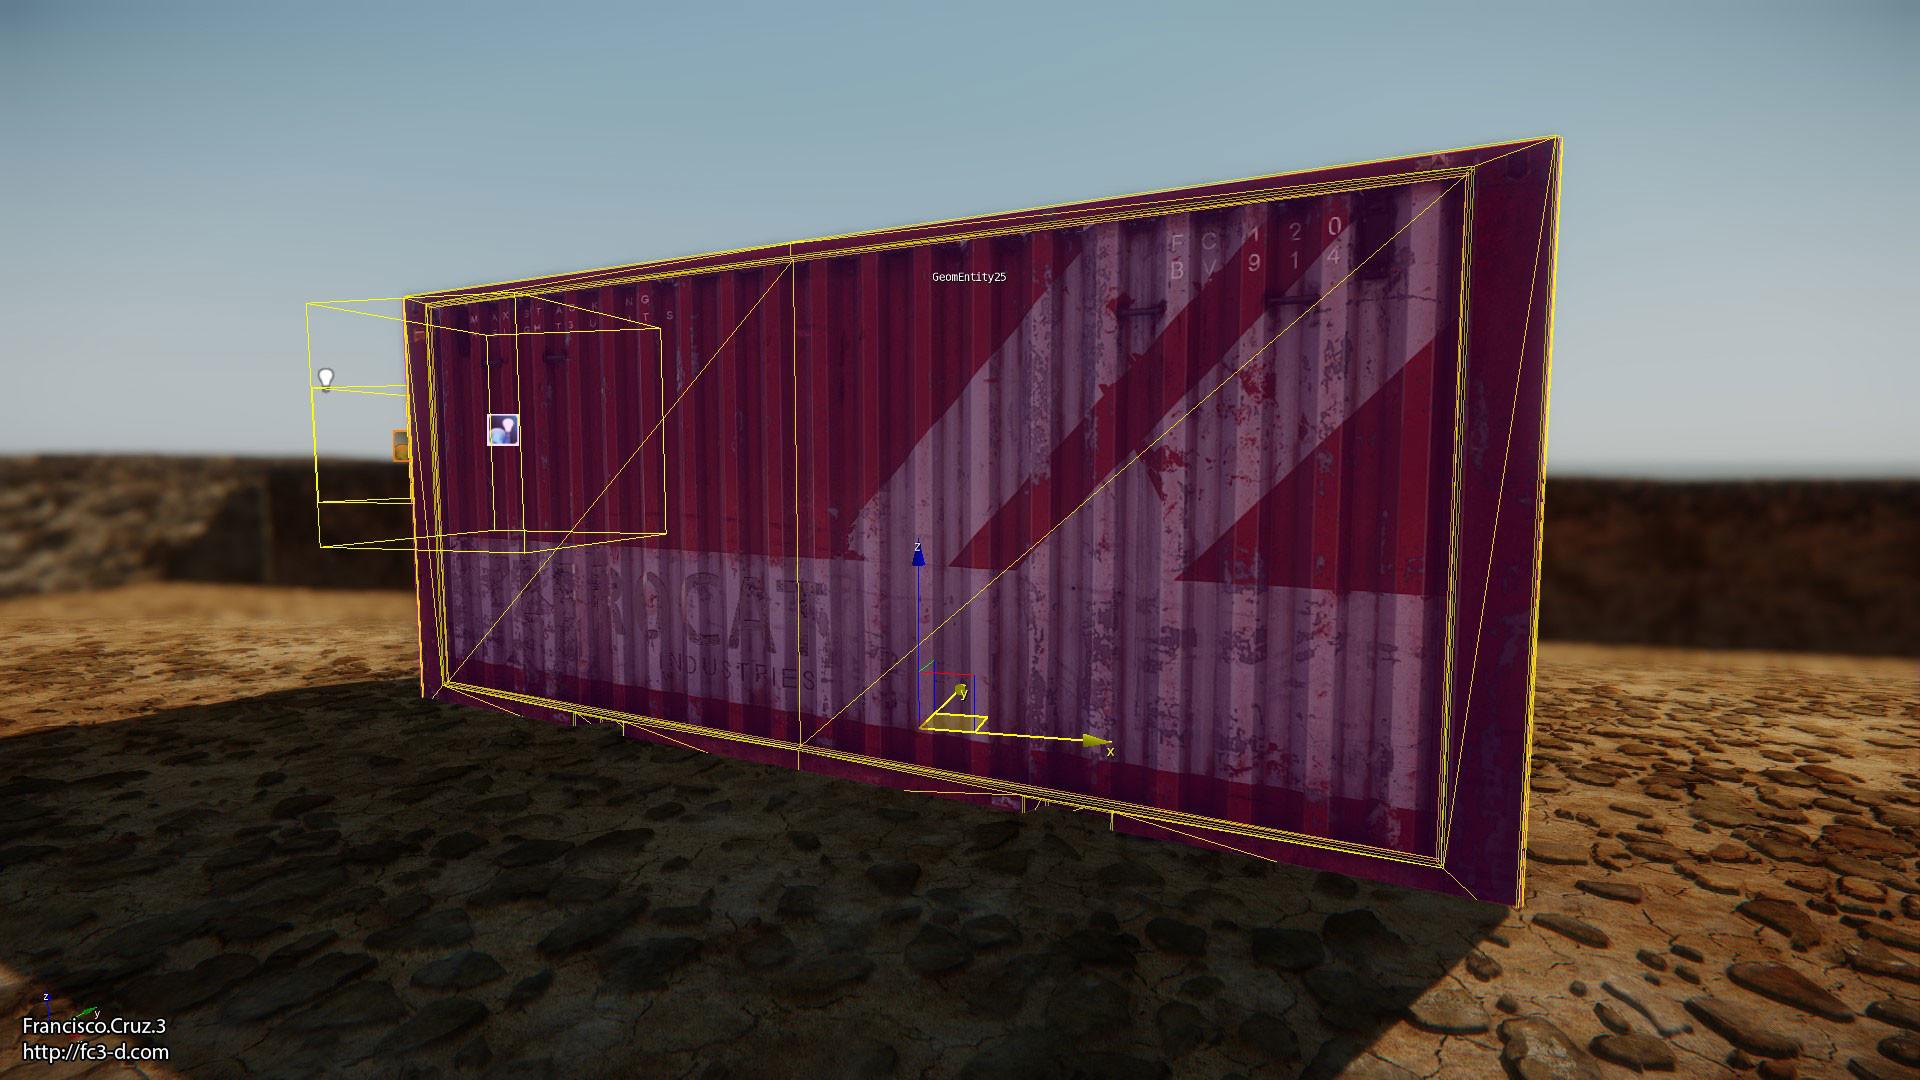 Francisco cruz fc3 container 06